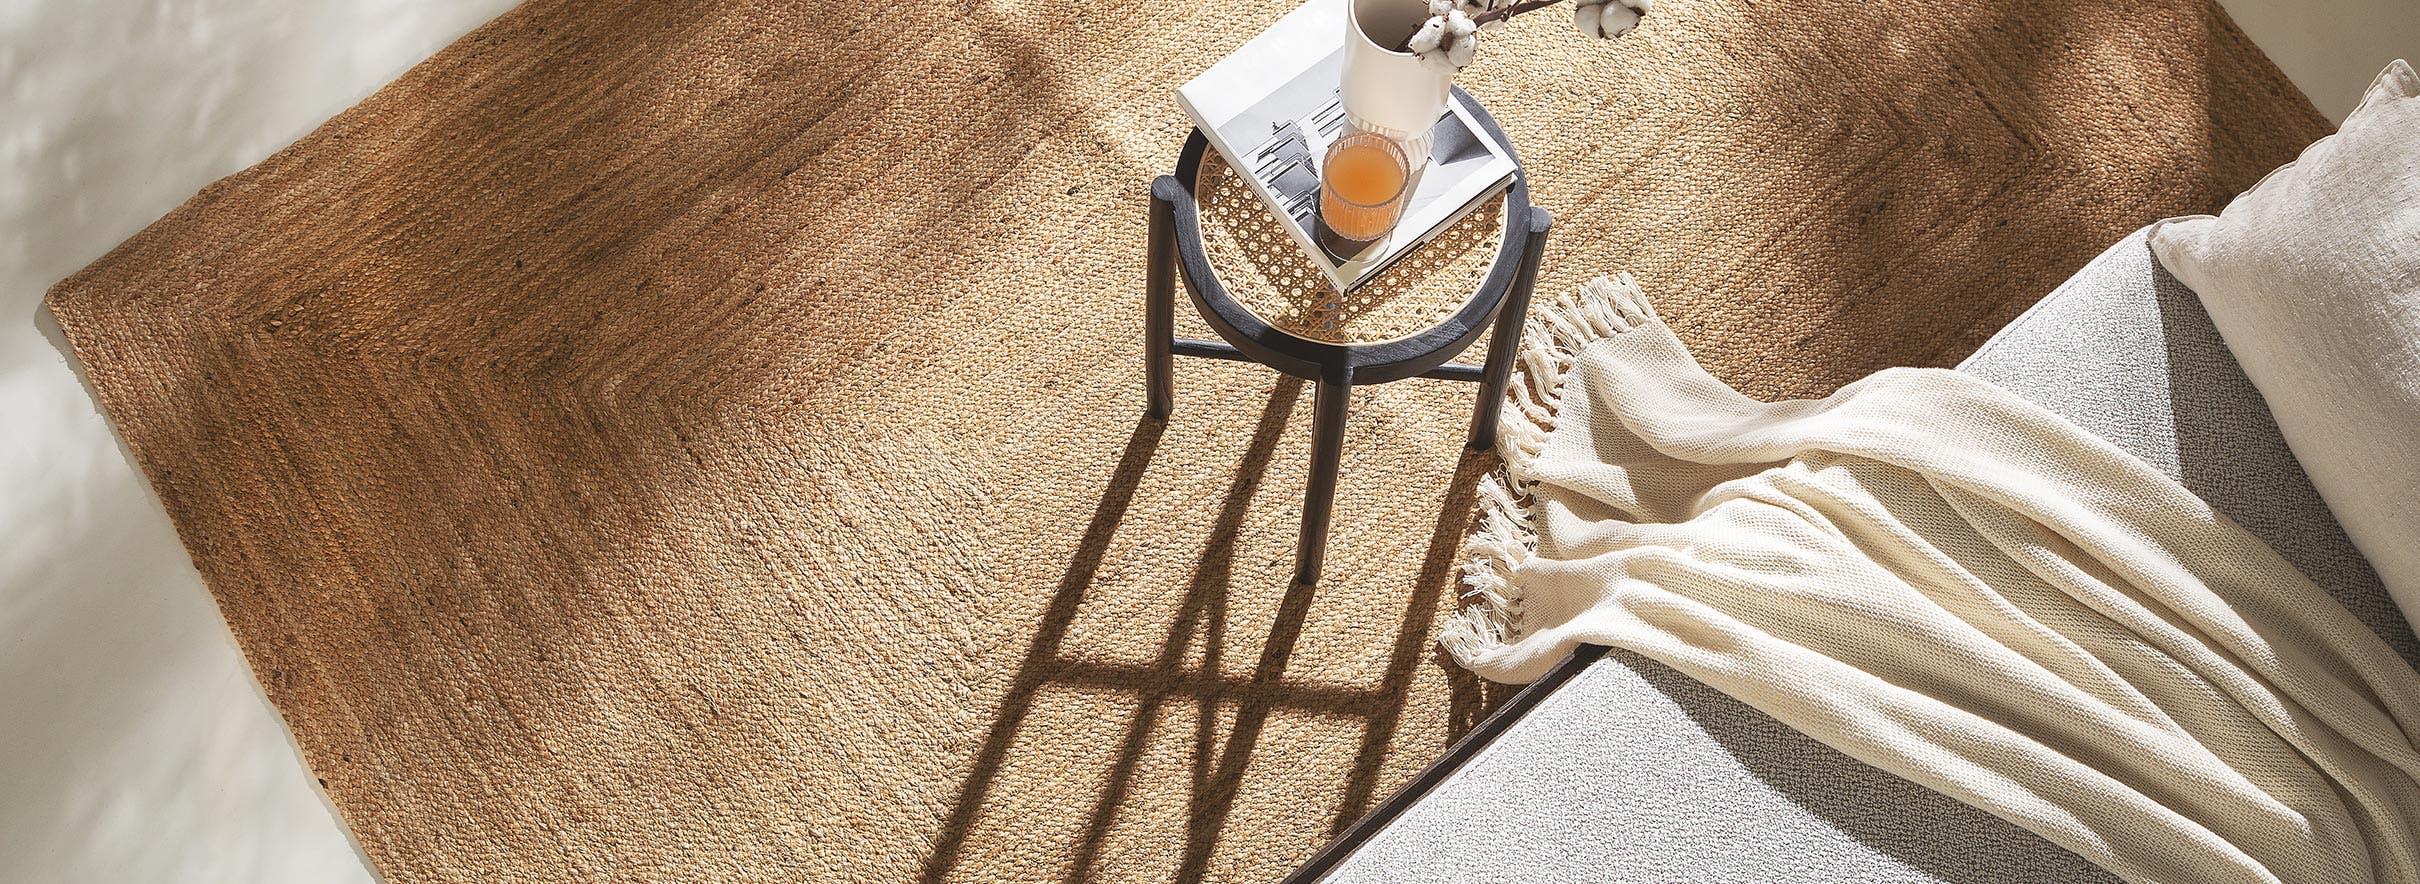 tapis d'été tapishop